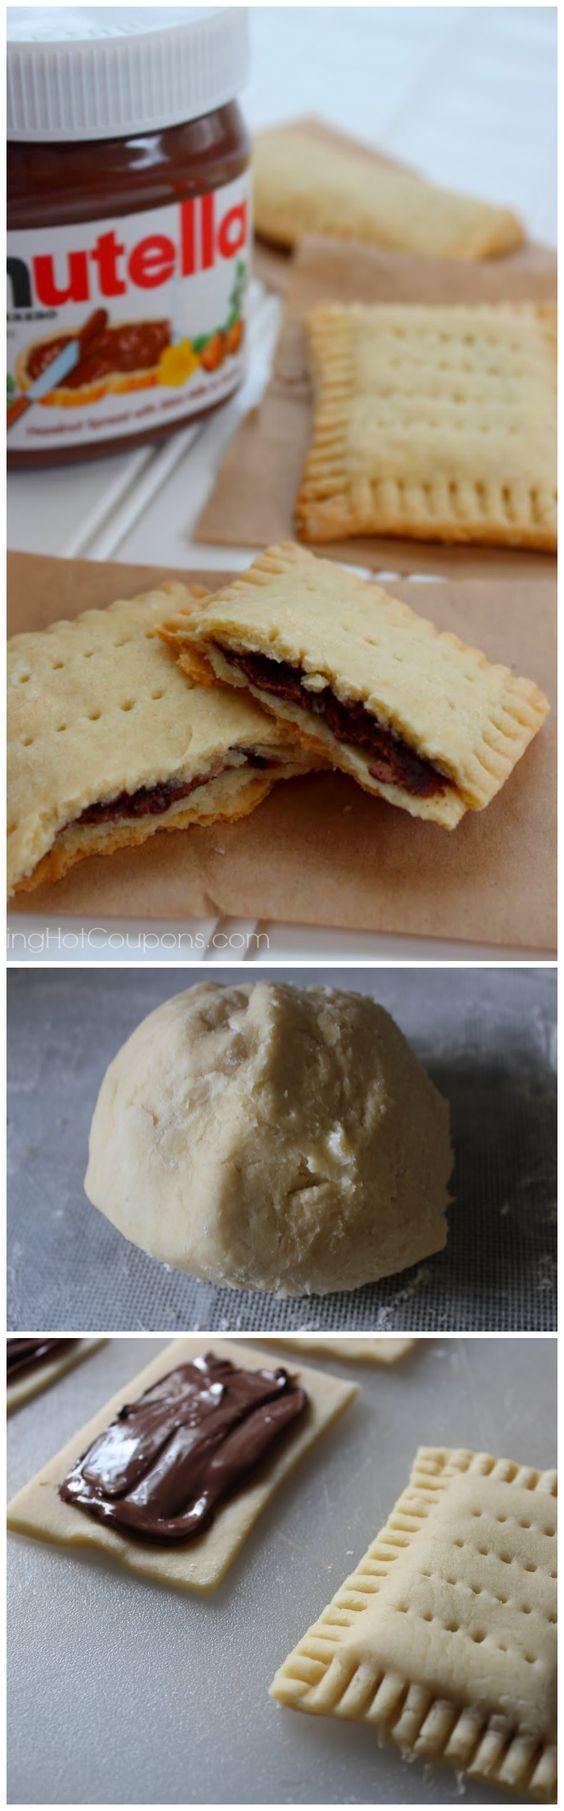 Nutella Pop Tarts - sieht nach einem ziemlich perfekten Frühstück aus! :D